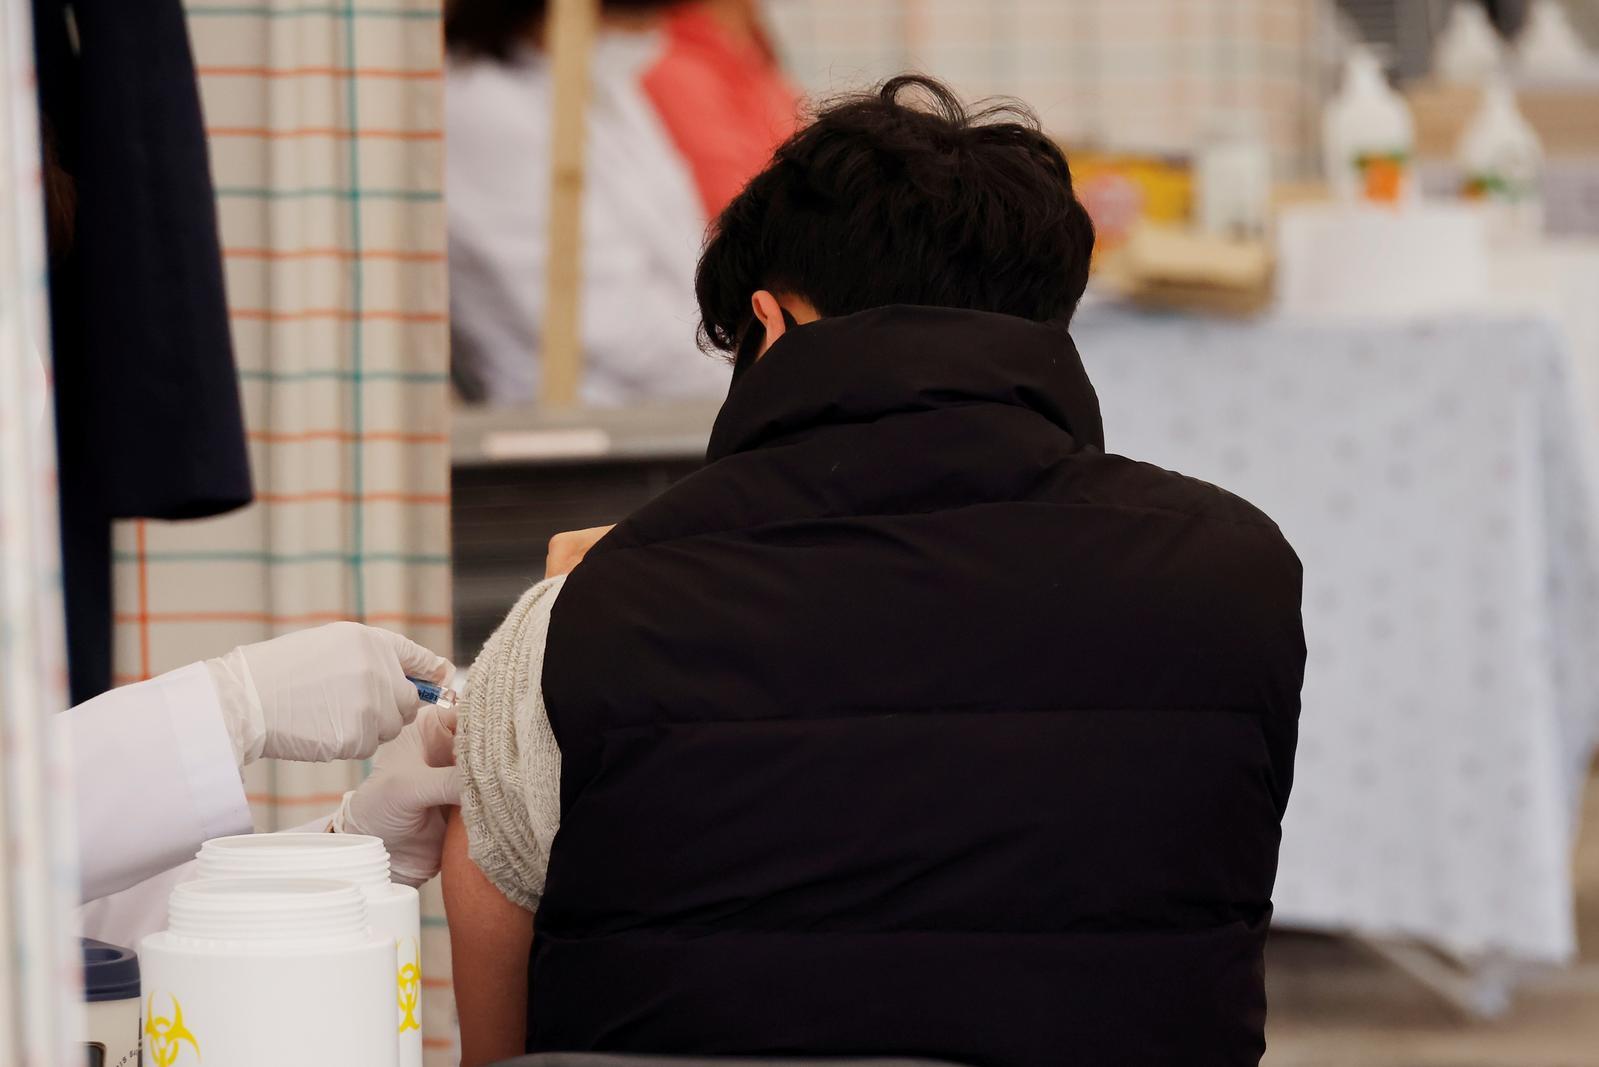 Deaths after flu shots in S.Korea fan fears, but authorities find no link